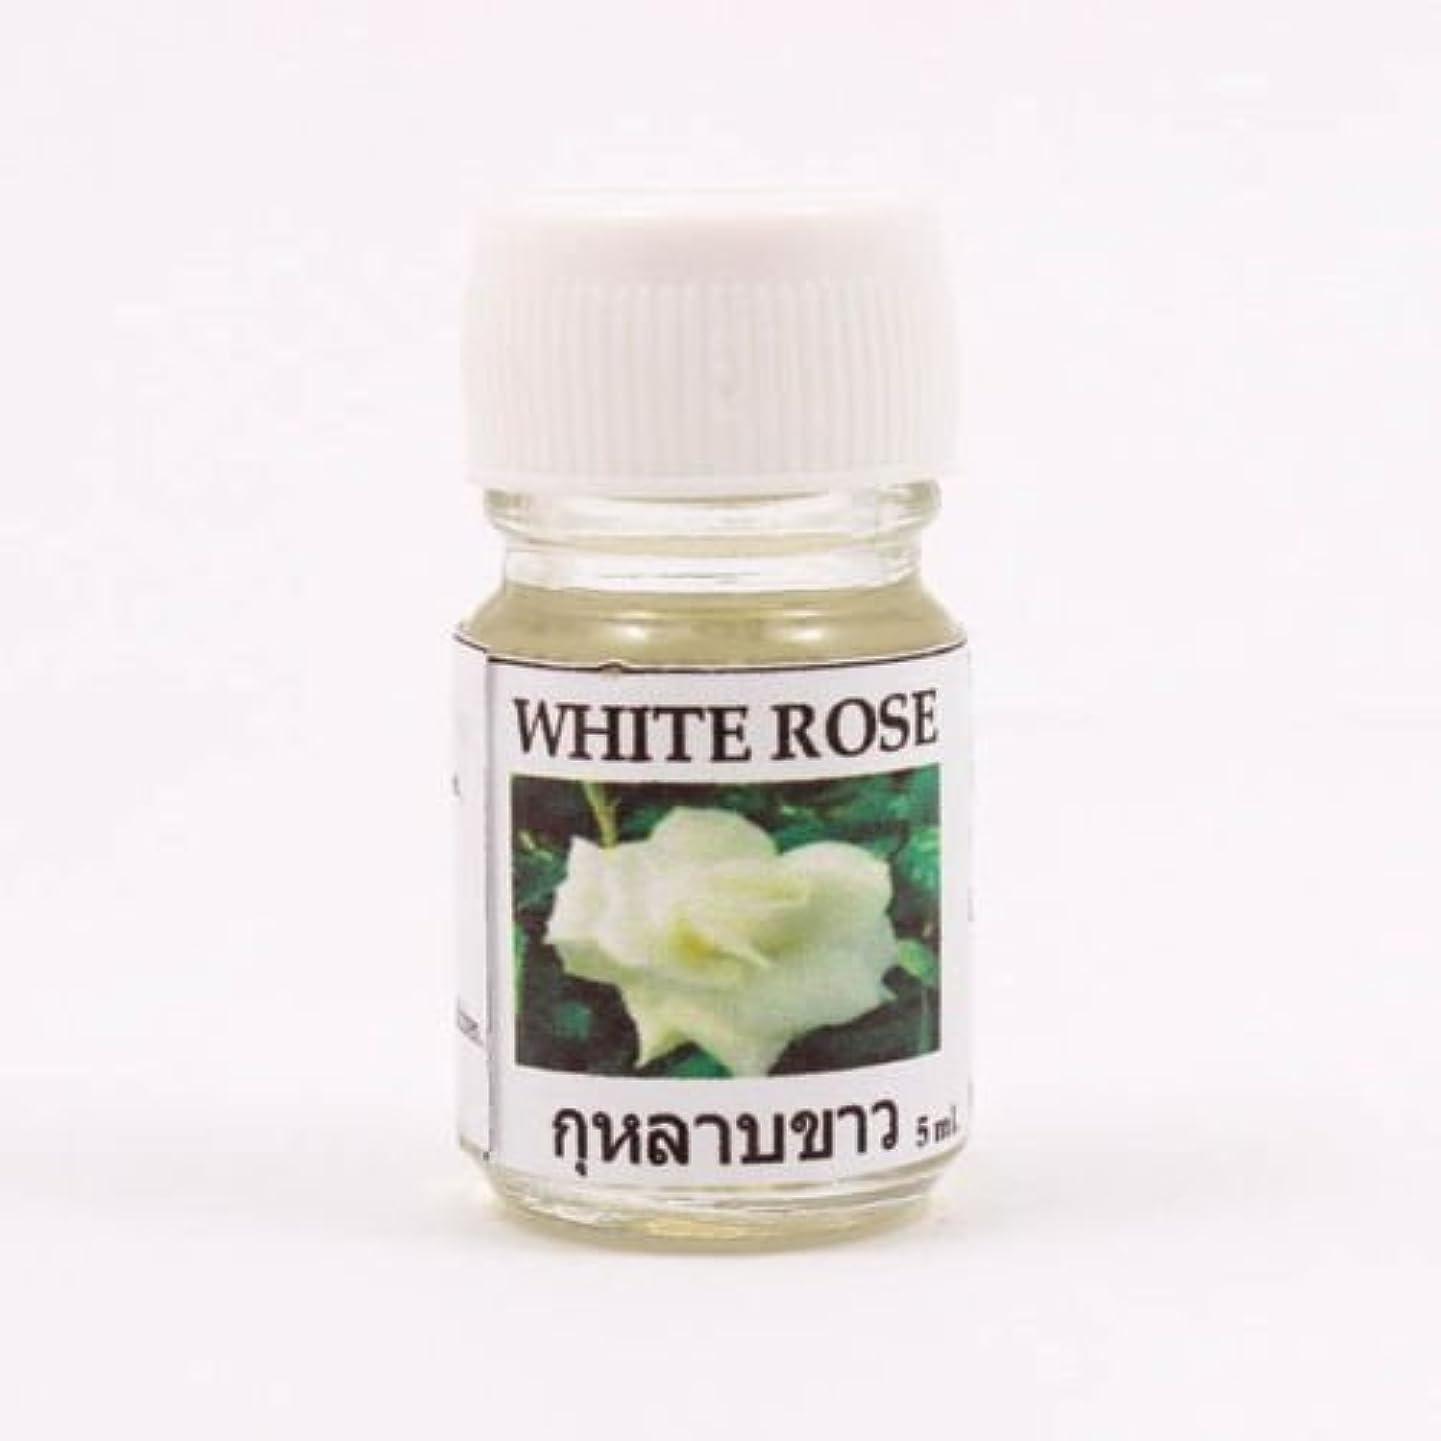 謎おばさんこどもセンター6X White Rose Aroma Fragrance Essential Oil 5ML. Diffuser Burner Therapy